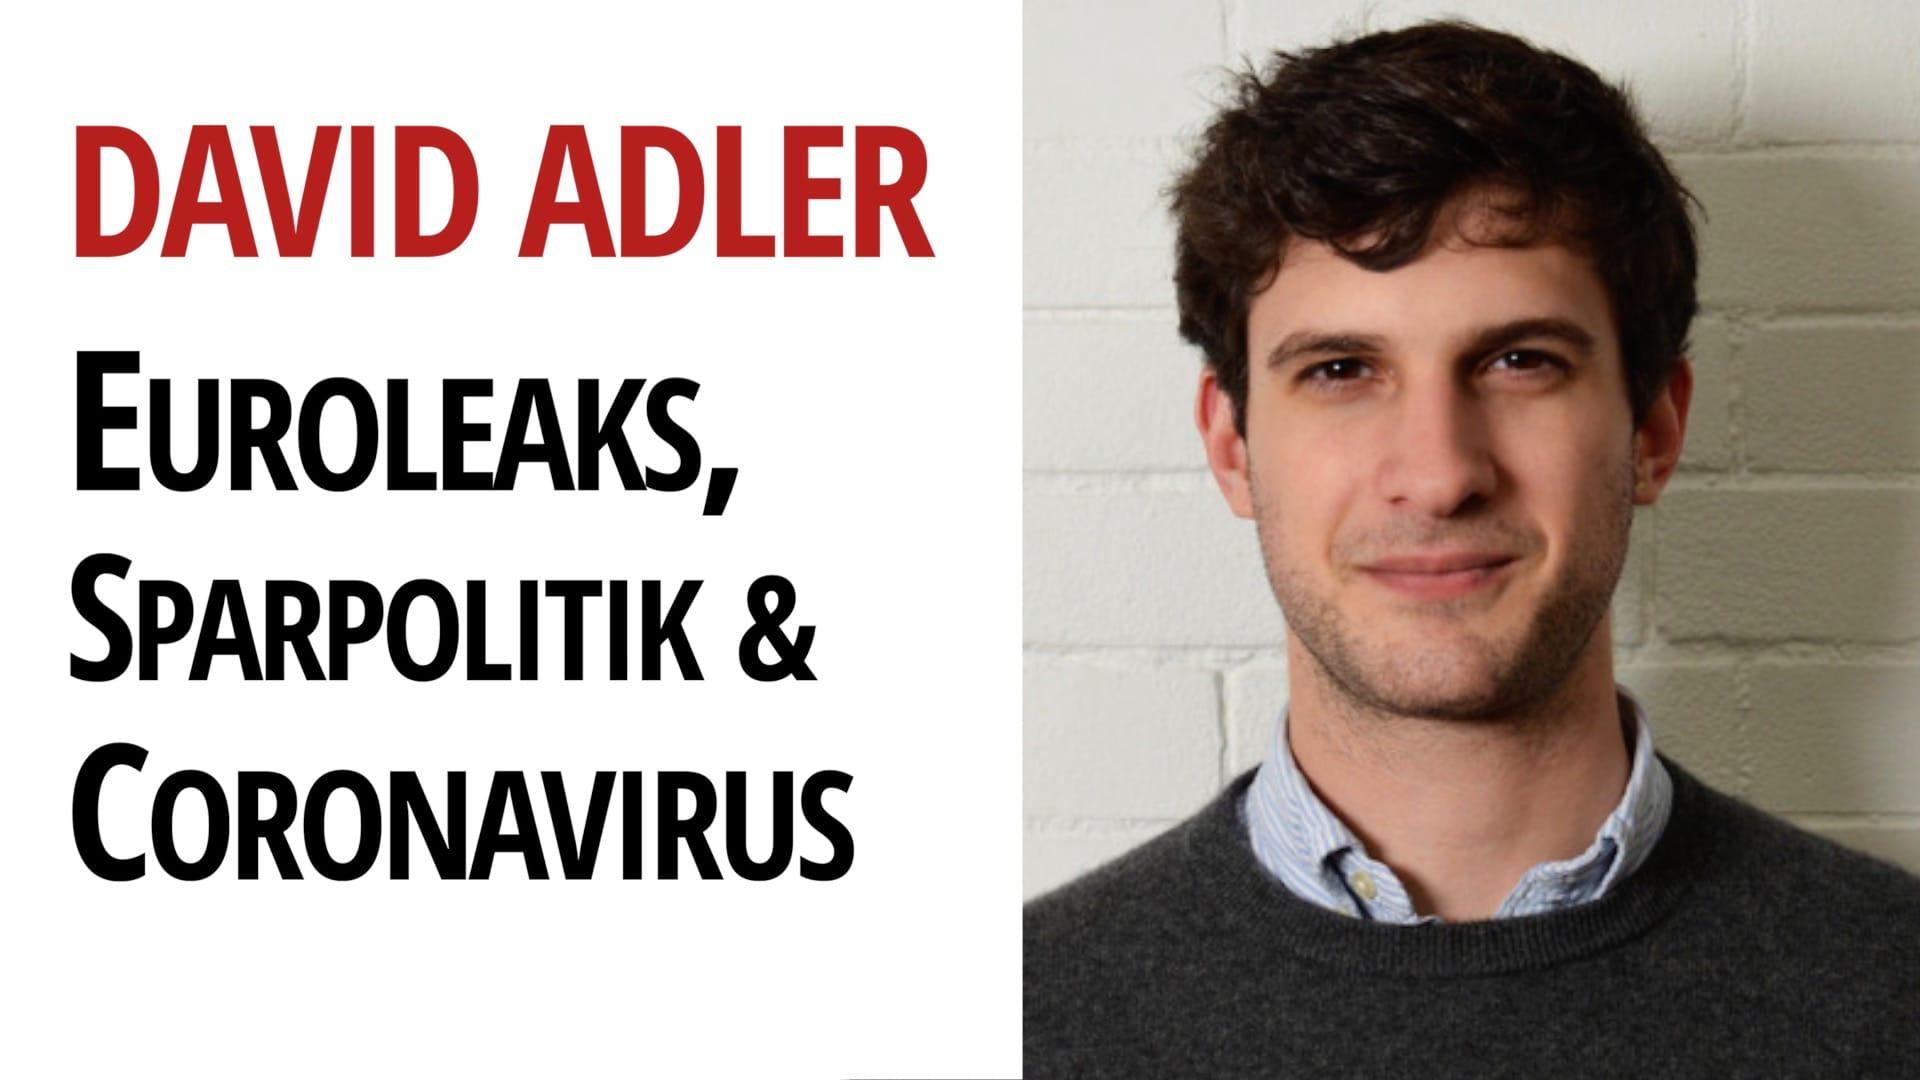 David Adler Sparpolitik Coronavirus Euroleaks